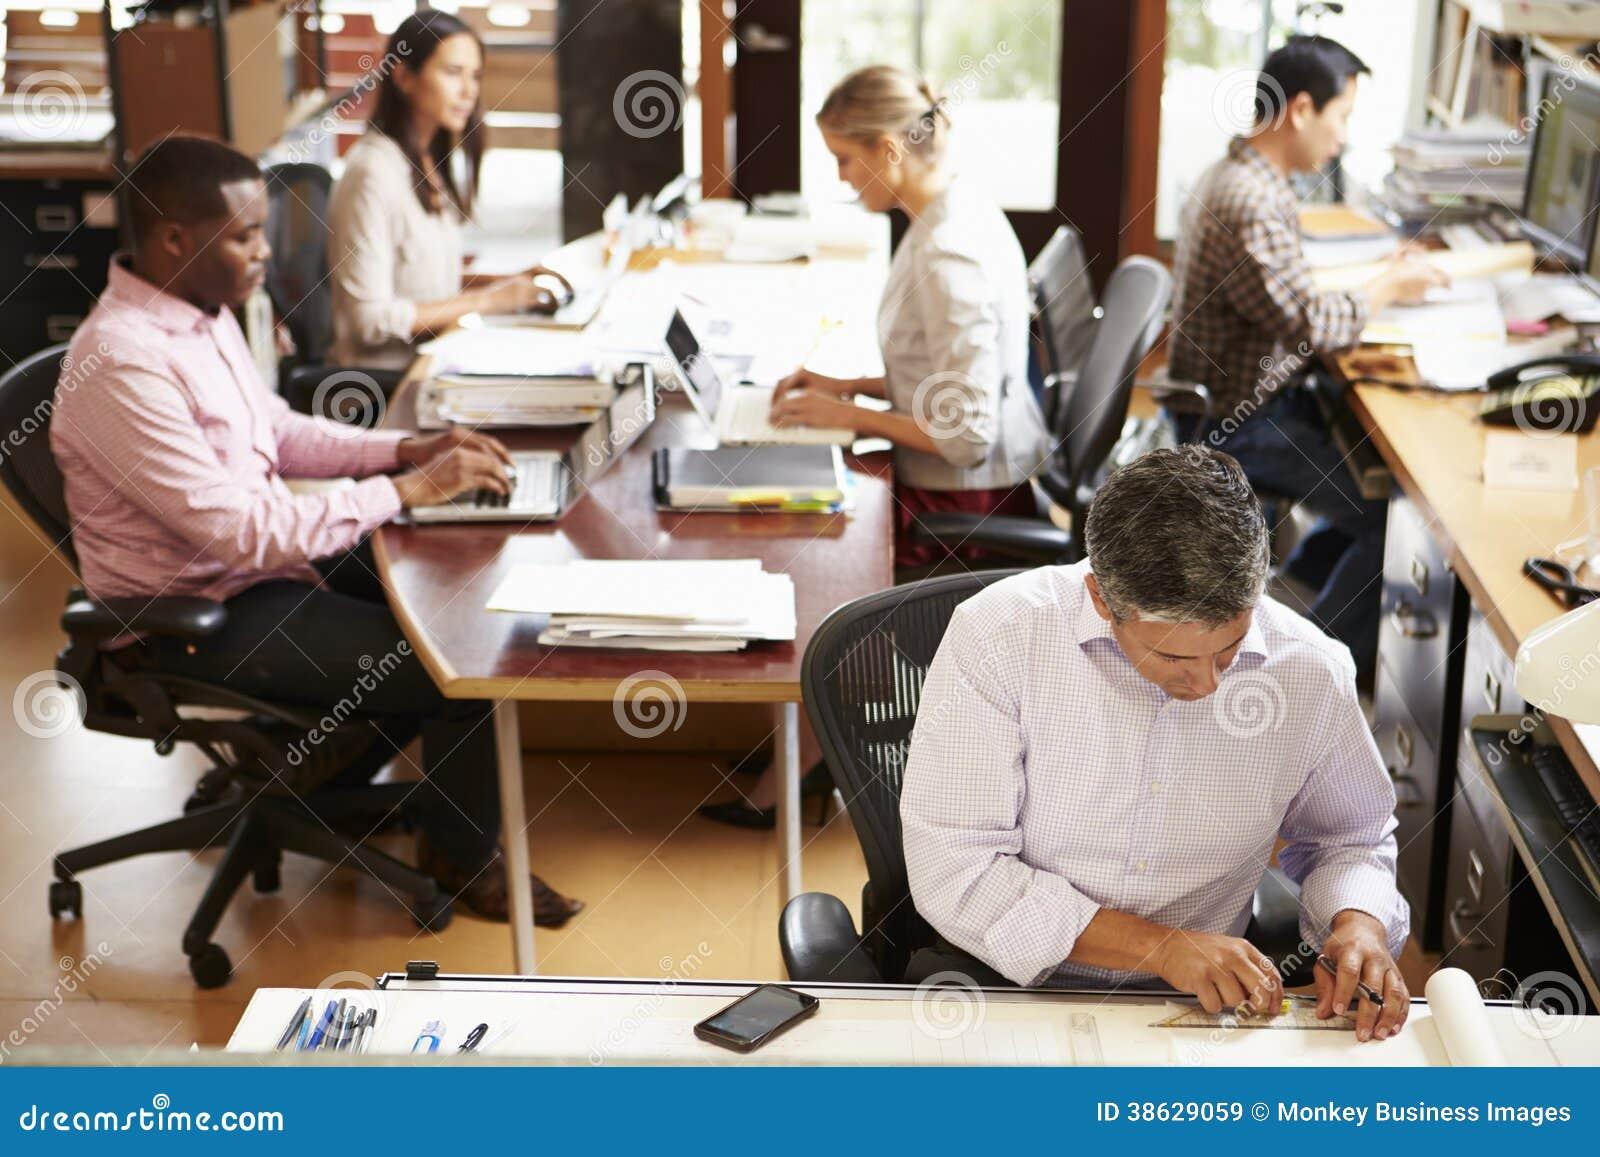 繁忙的建筑师事务所内部有职员工作的